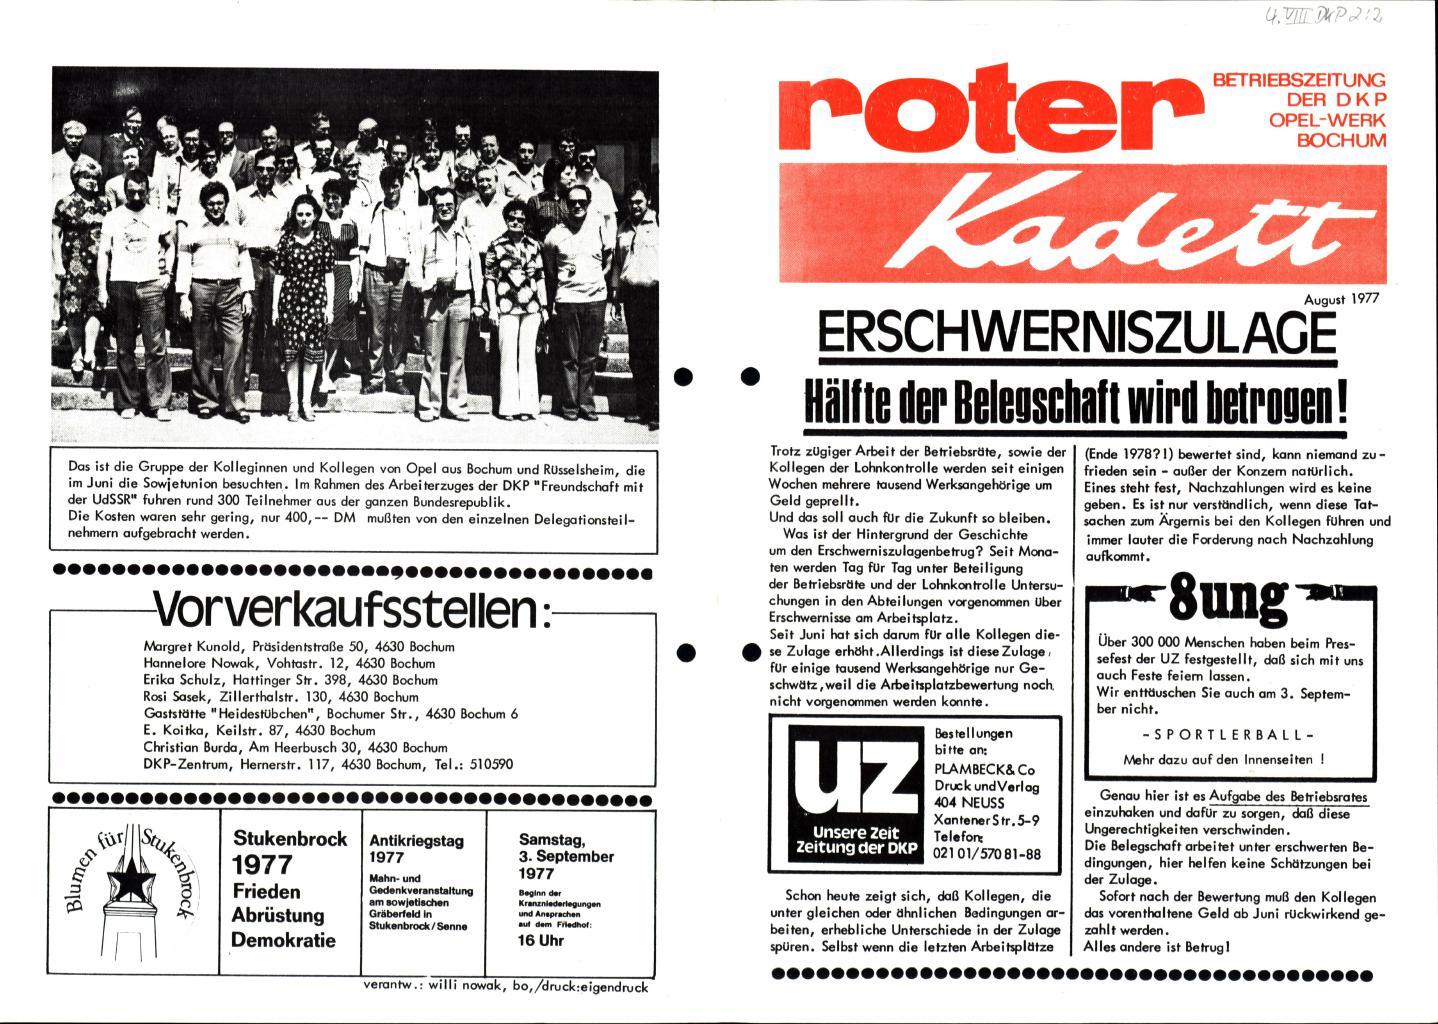 Bochum_Opel_Roter_Kadett_19770800_01